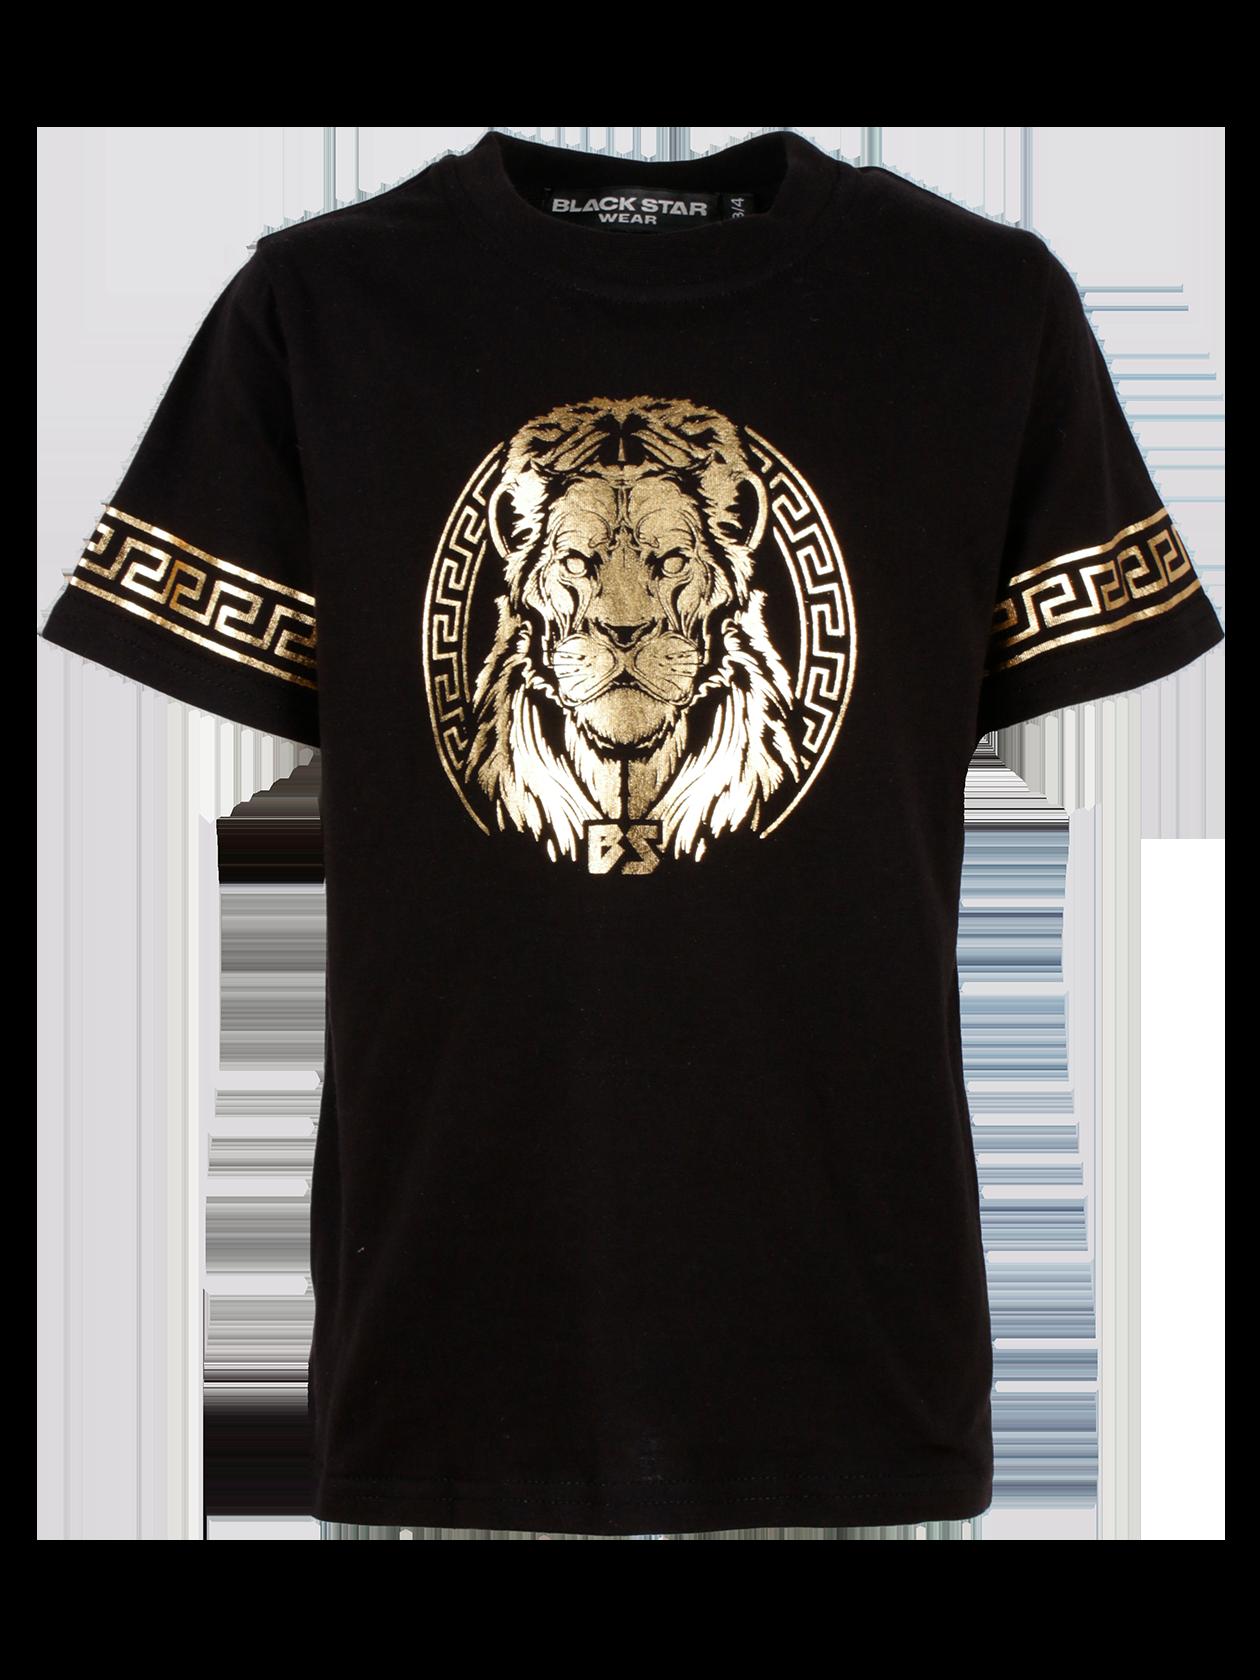 Футболка детская GOLD LIONФутболка детская Gold Lion – яркий и практичный атрибут гардероба активного непоседы. Изделие представлено в черном цвете с эффектным золотистым принтом «голова льва в круге и надписью BS». Модель удлиненного прямого кроя с широким коротким рукавом, дополненным греческим орнаментом. Вещь изготовлена из премиального натурального хлопка, подходит для частой носки. Отлично комбинируется с повседневной и спортивной одеждой.<br><br>Размер: 5-6 years<br>Цвет: Черный<br>Пол: Унисекс